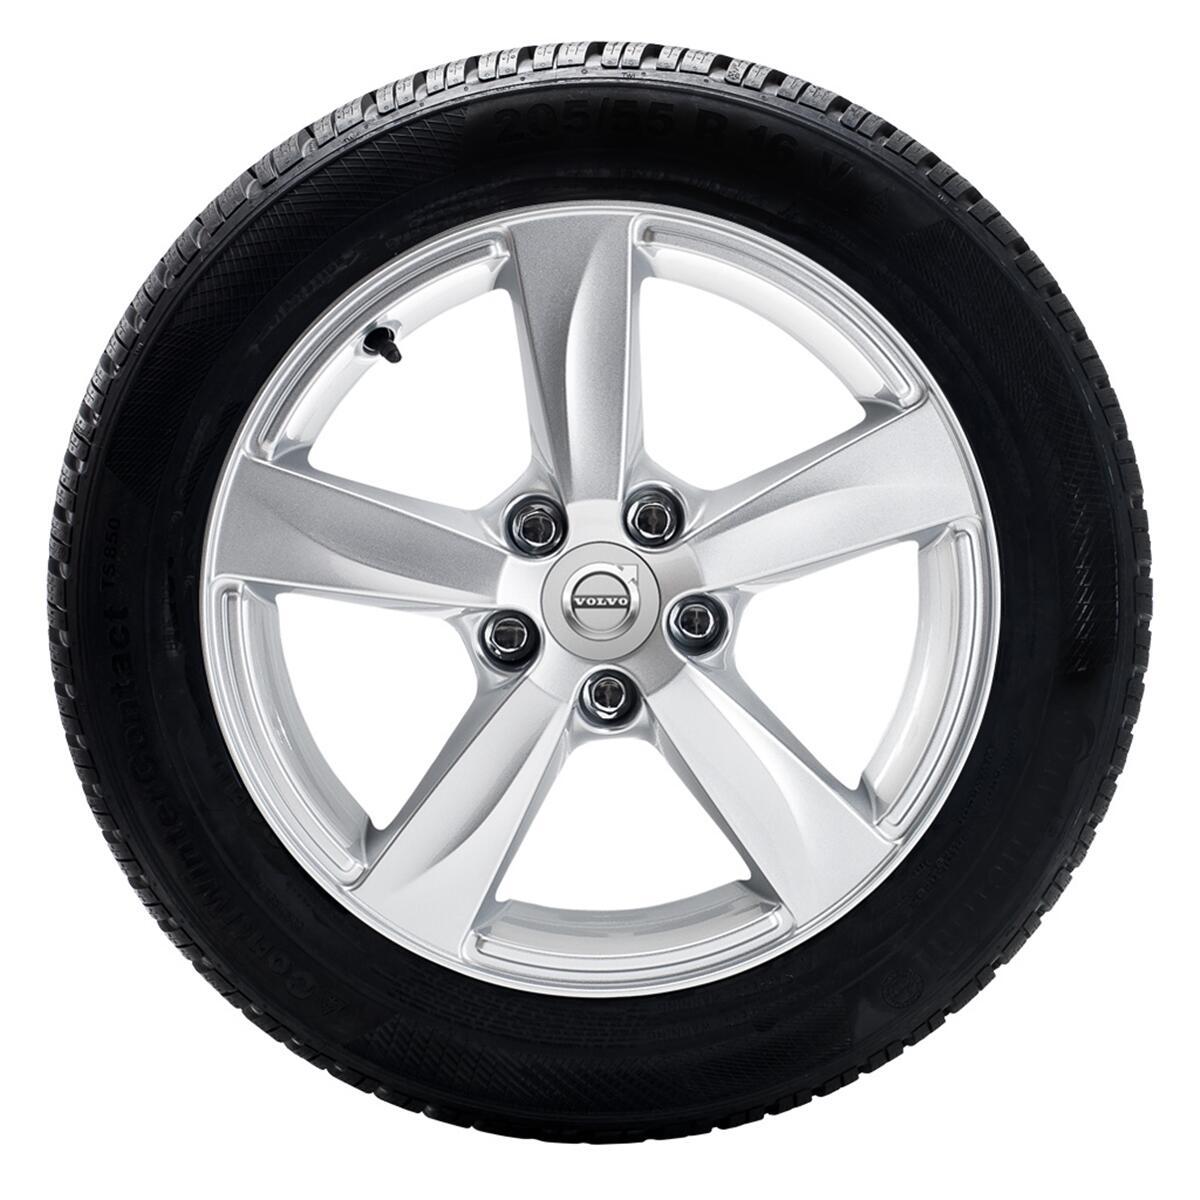 Komplet zimskih kotača 16''; gume Continental